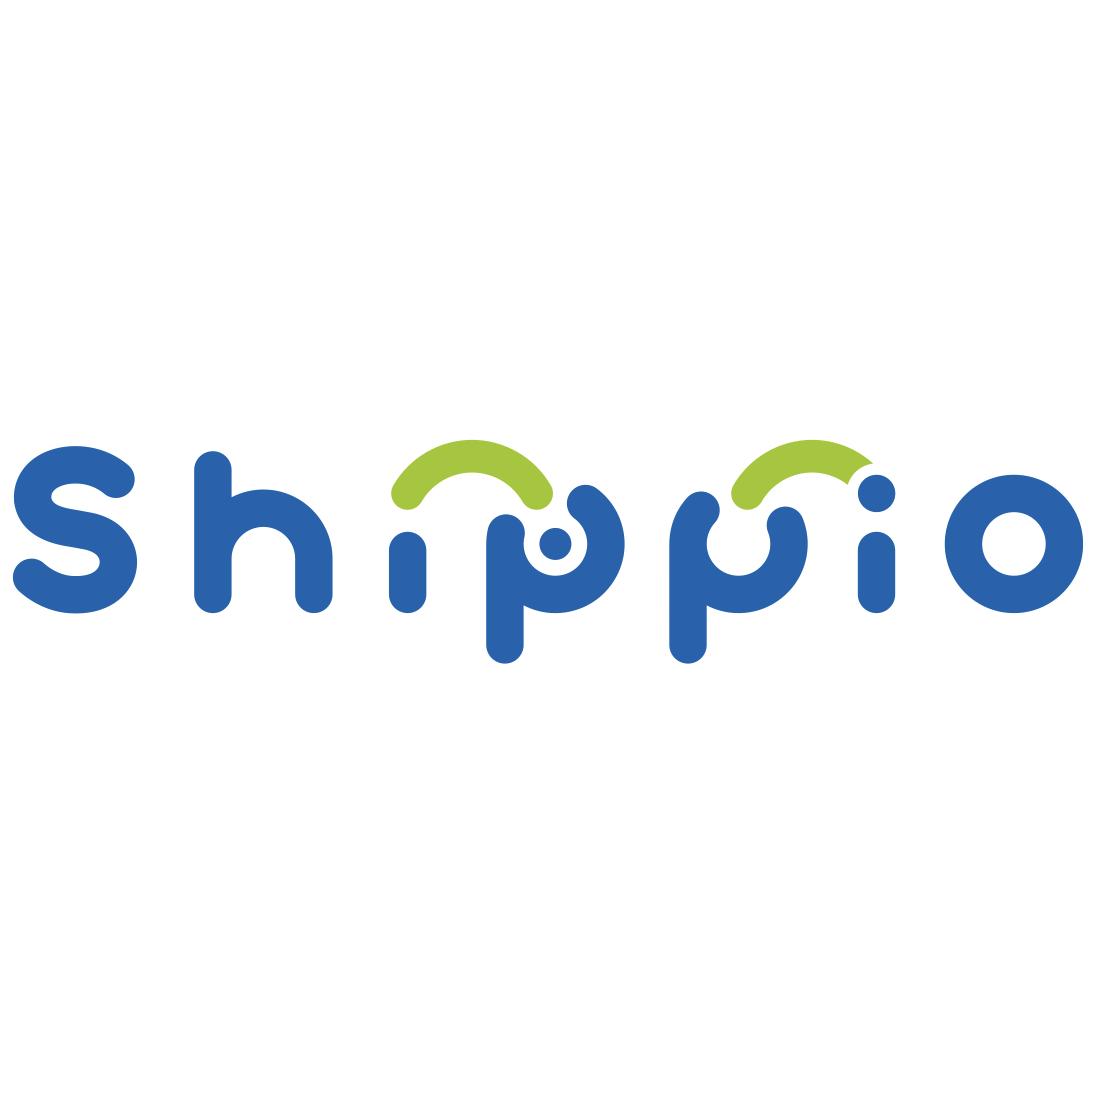 Shippio